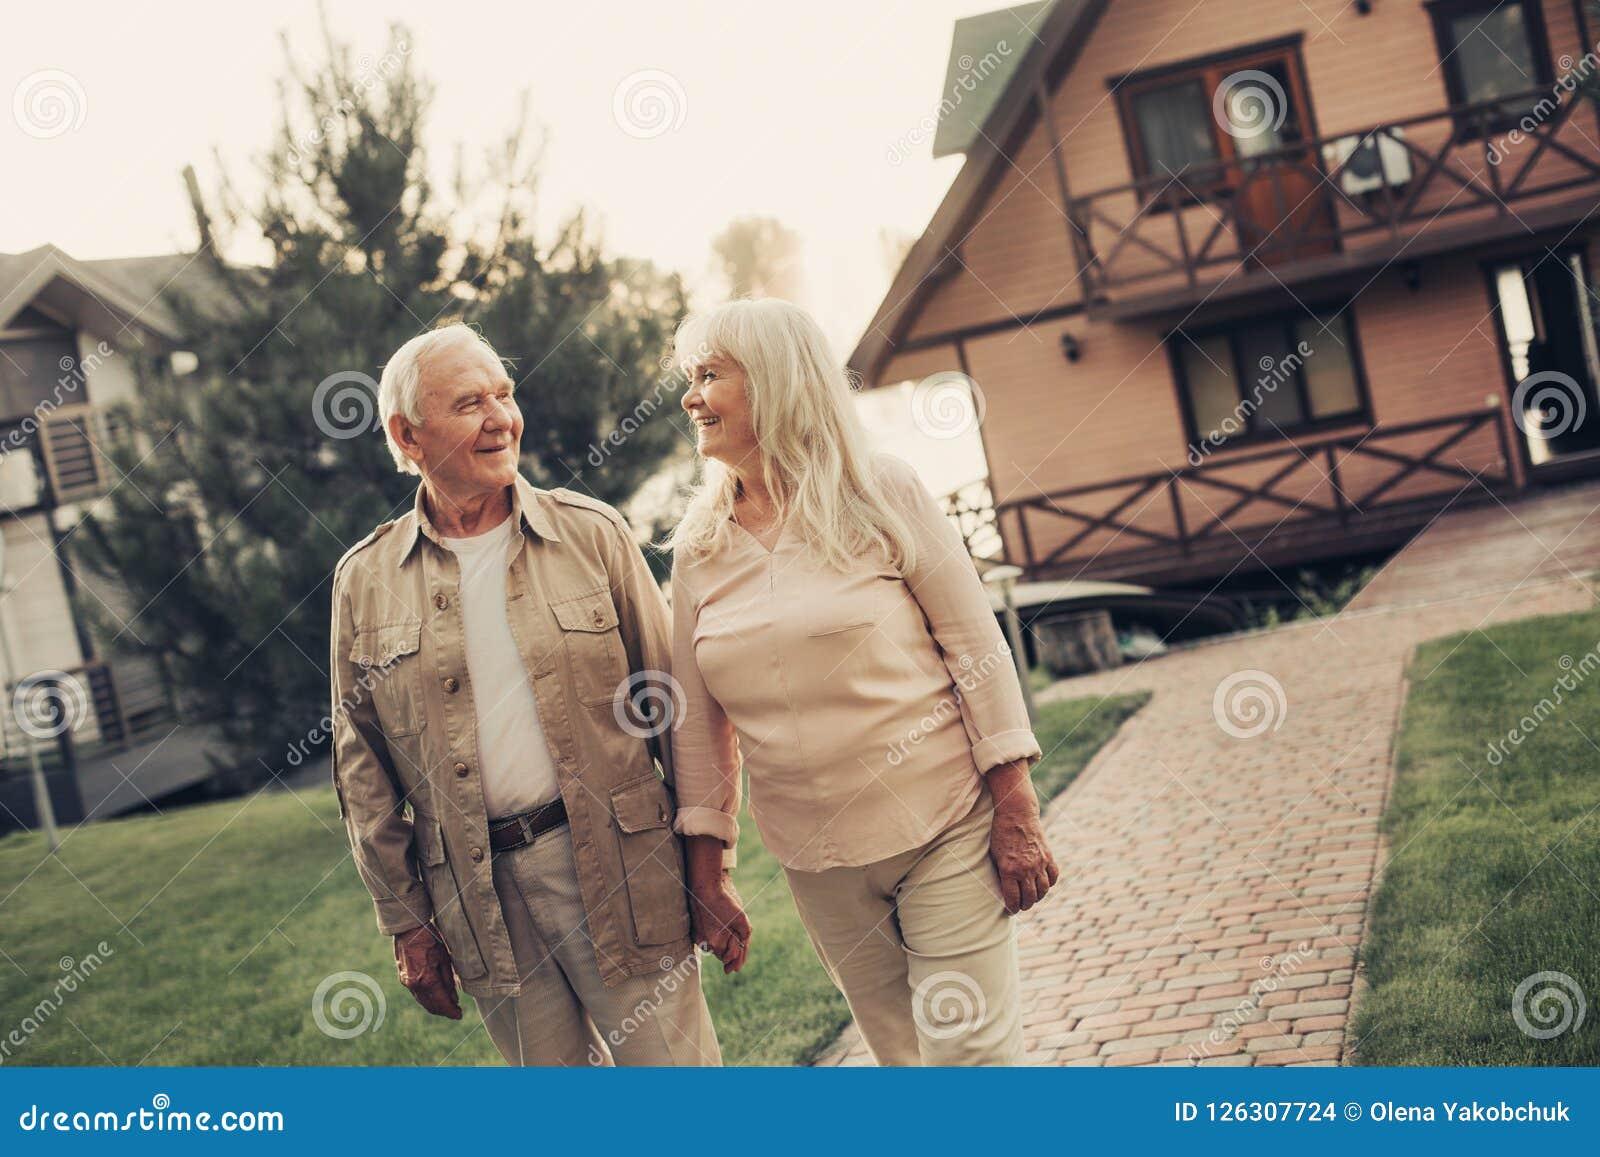 Εύθυμο γκρίζο μαλλιαρό ζευγάρι χαμόγελου που αντιμετωπίζει το σπίτι